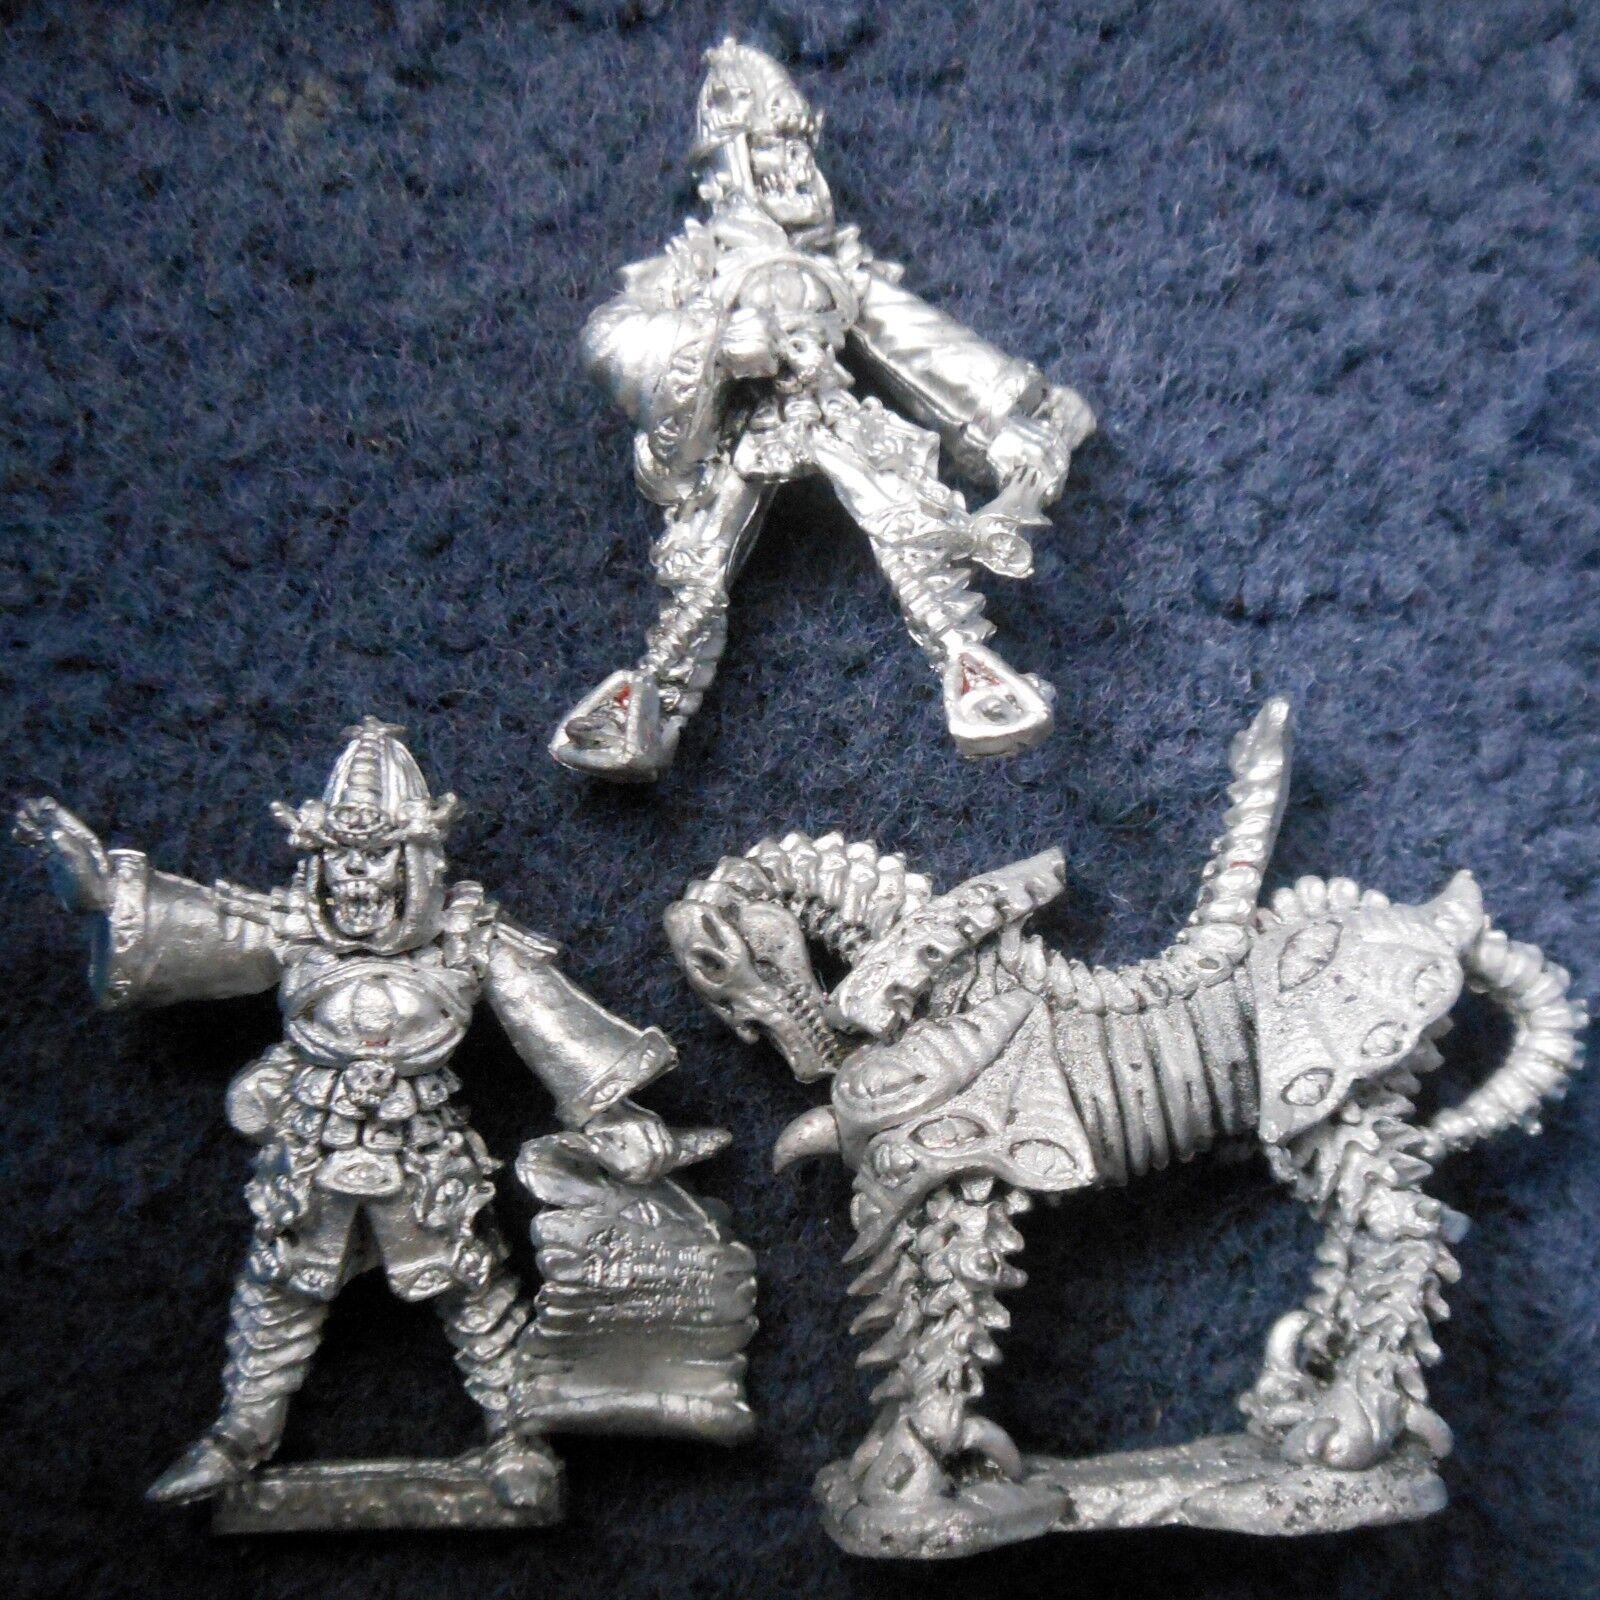 precios razonables 1985 ME55 no-muertos Boca de Sauron mal Guerrero Guerrero Guerrero Mage Señor de los anillos citadel D&D  precios bajos todos los dias